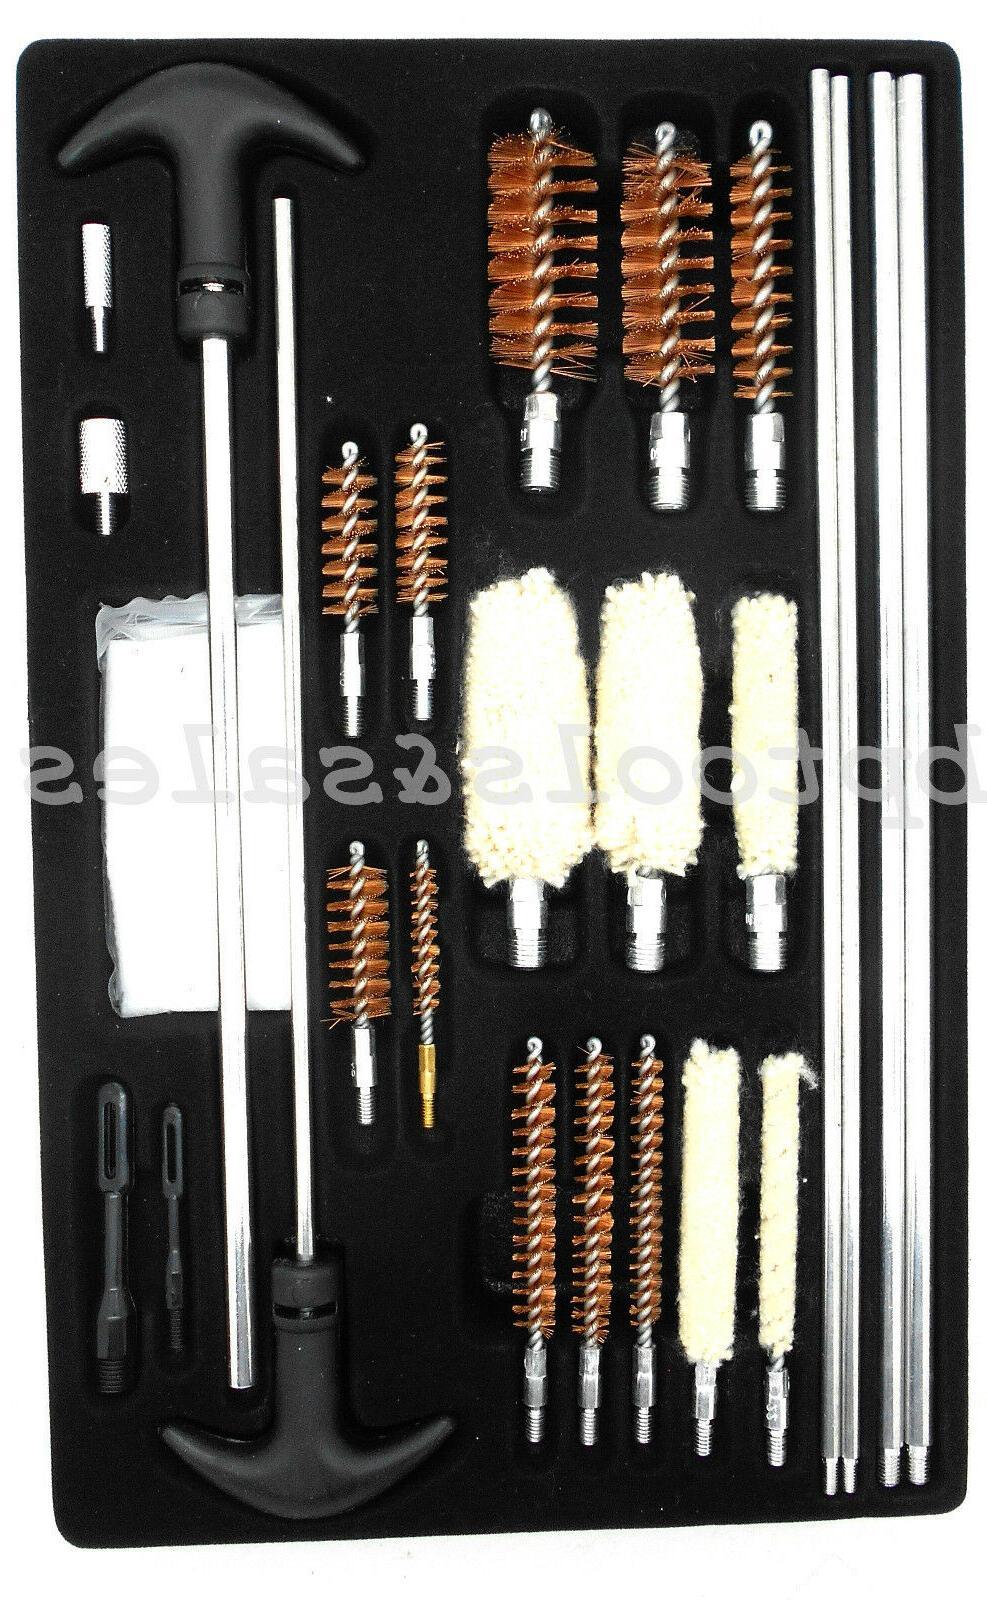 126pc Universal Gun Cleaning Kit Rifle Pistol Shotgun Handgu